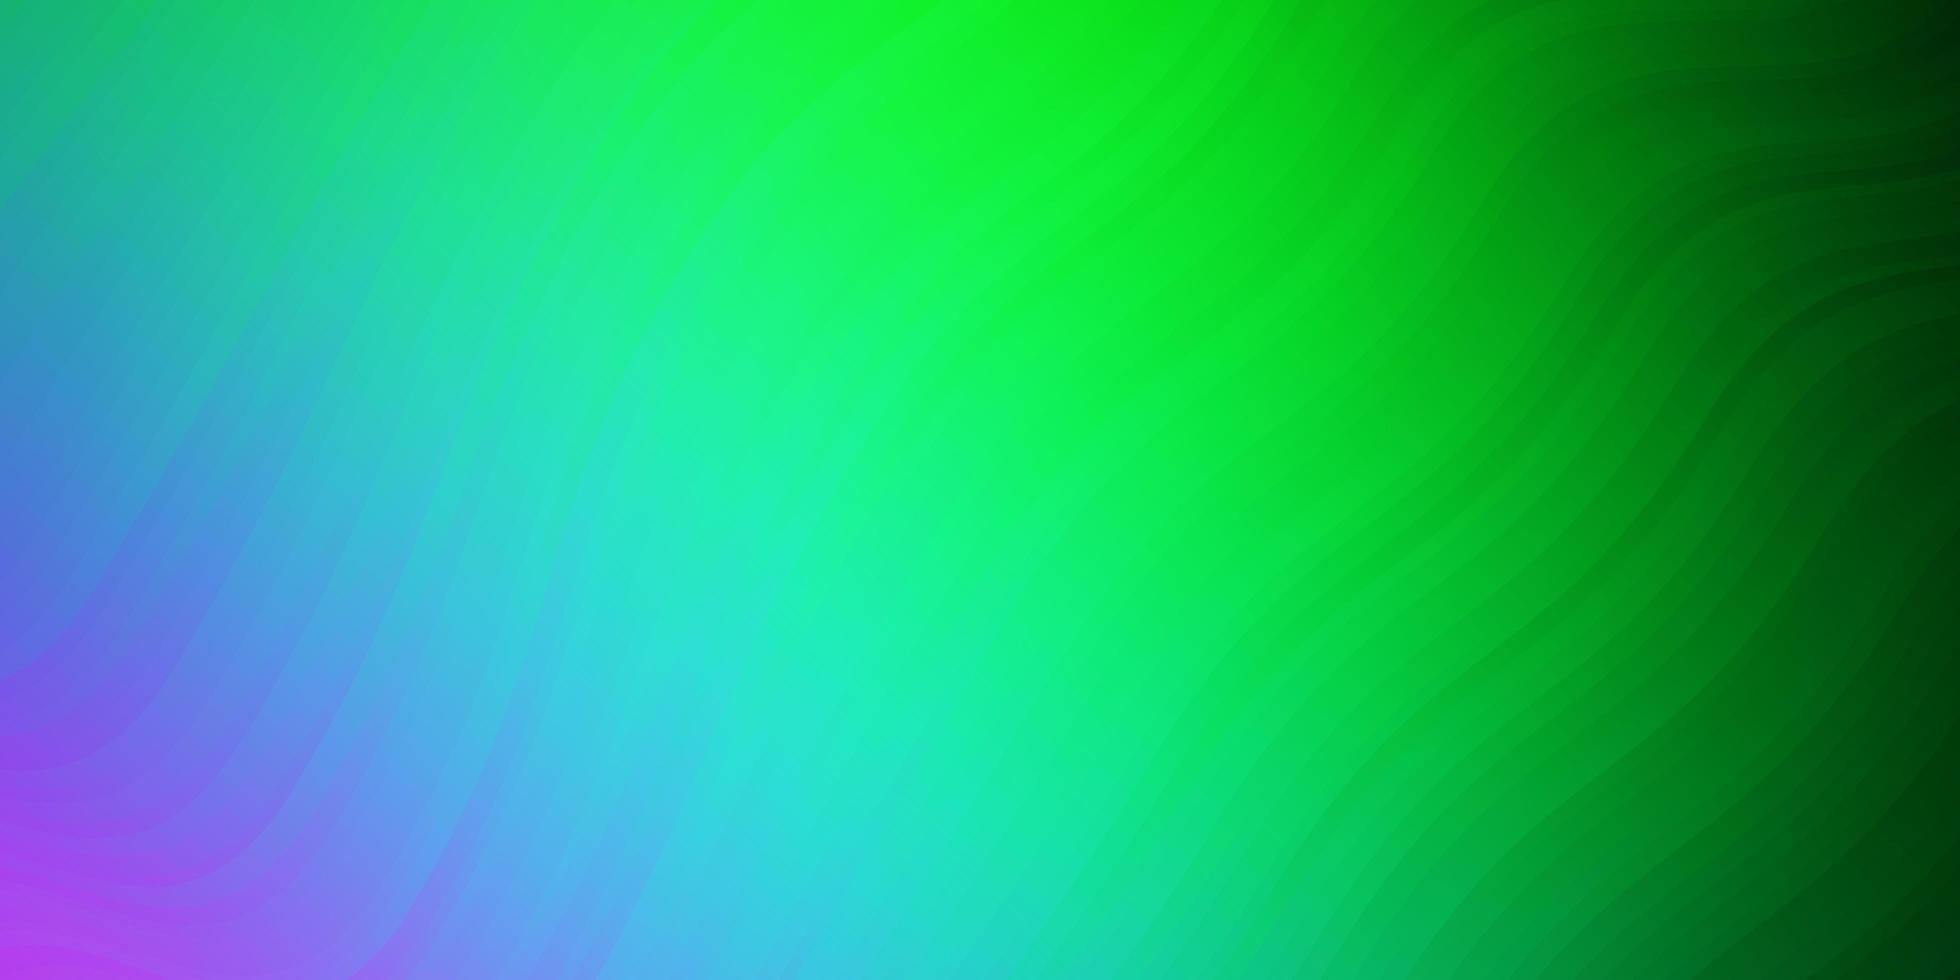 plantilla de vector rosa claro, verde con curvas